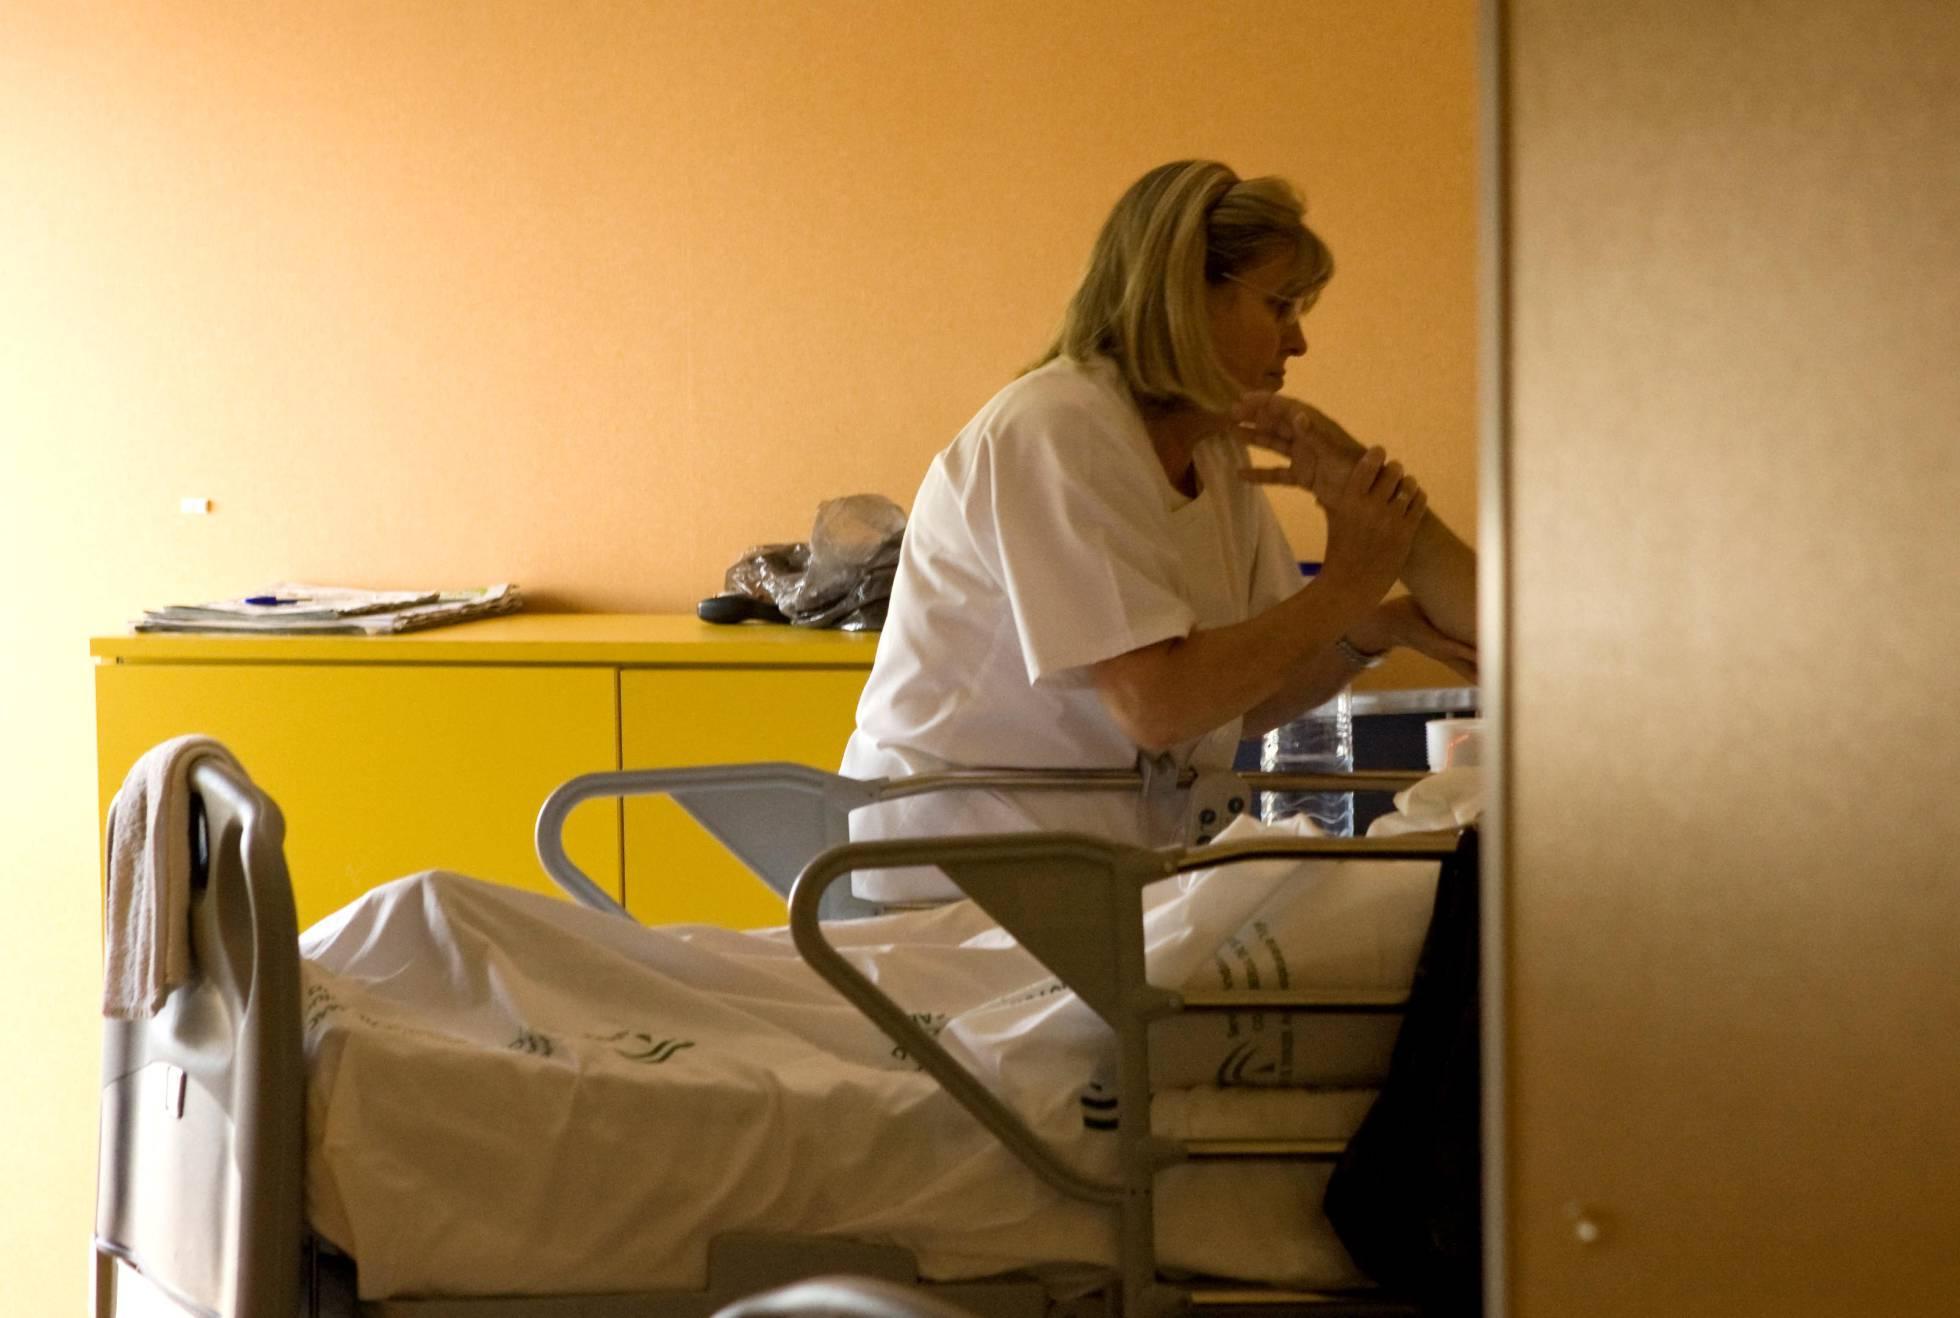 Una enfermera atiende a un paciente en la unidad de cuidados paliativos. EL PAIS